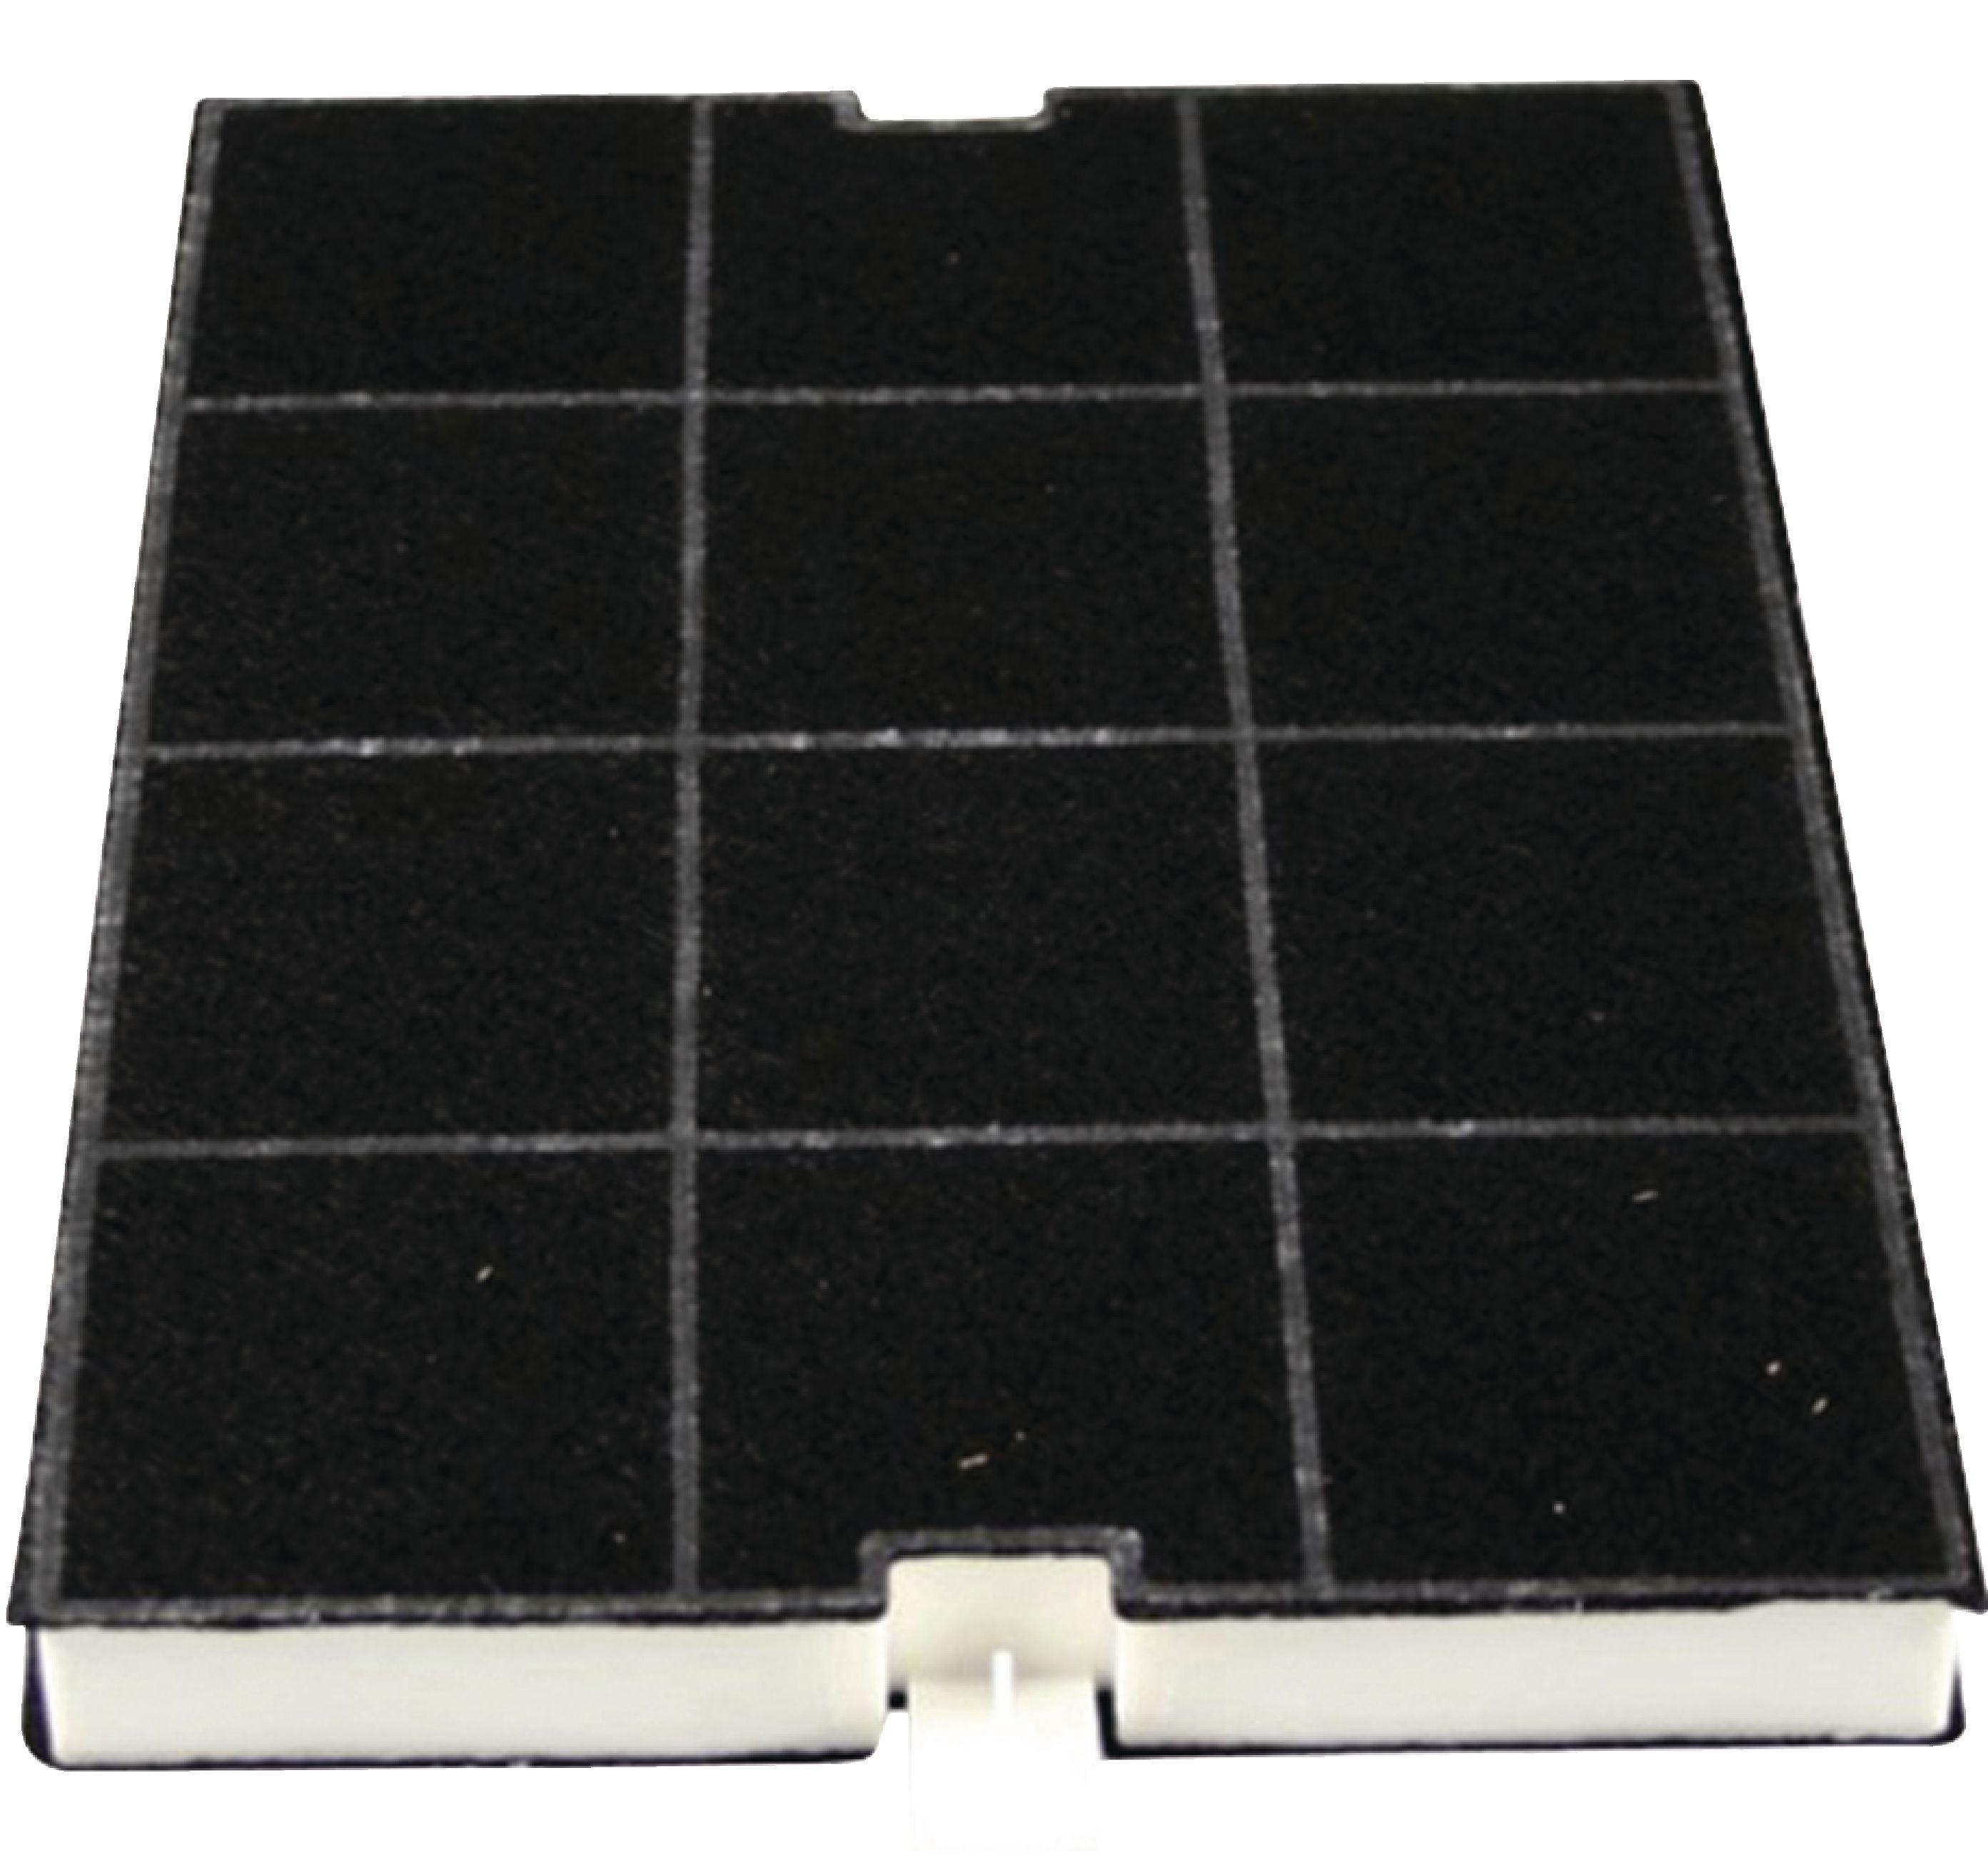 Uhlíkový filtr do digestoře Bosh/Siemens, 29.6 x 20.38 cm Bosh 351210